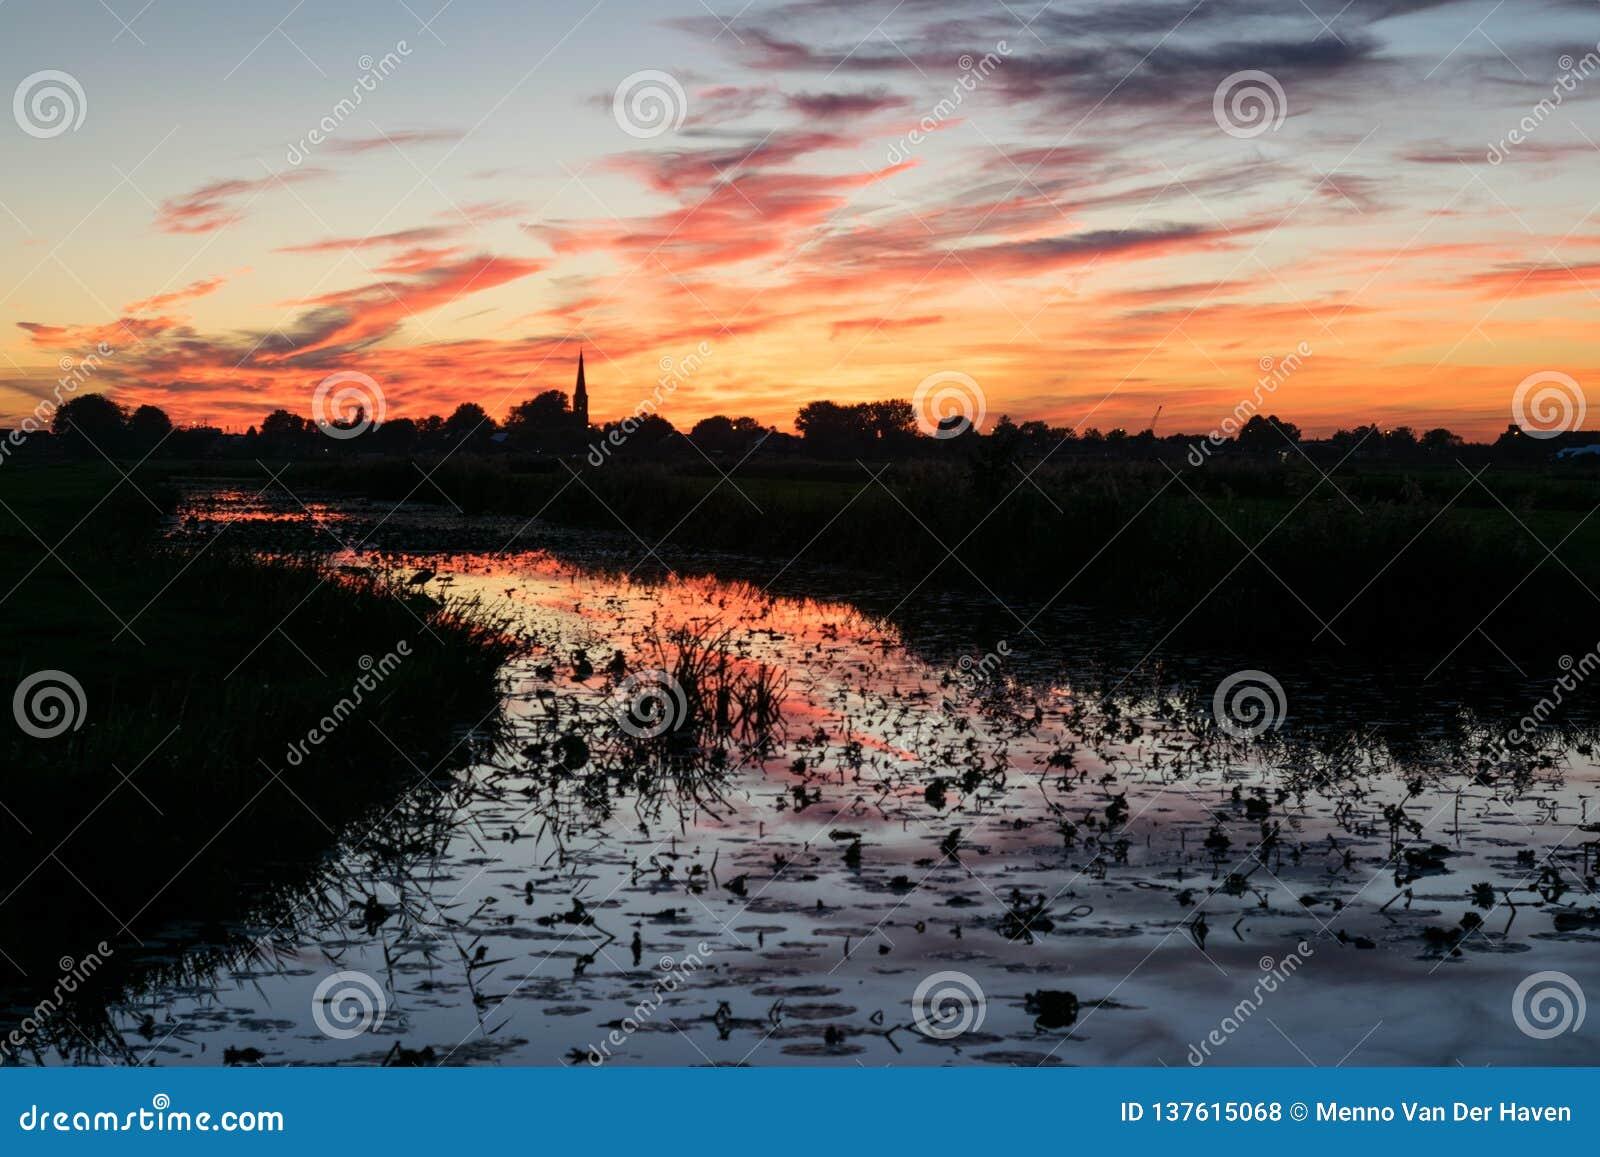 Zgłębia - czerwonego i pomarańczowego niebo z odbiciami w wodzie kanałowy pobliski Gouda holandie